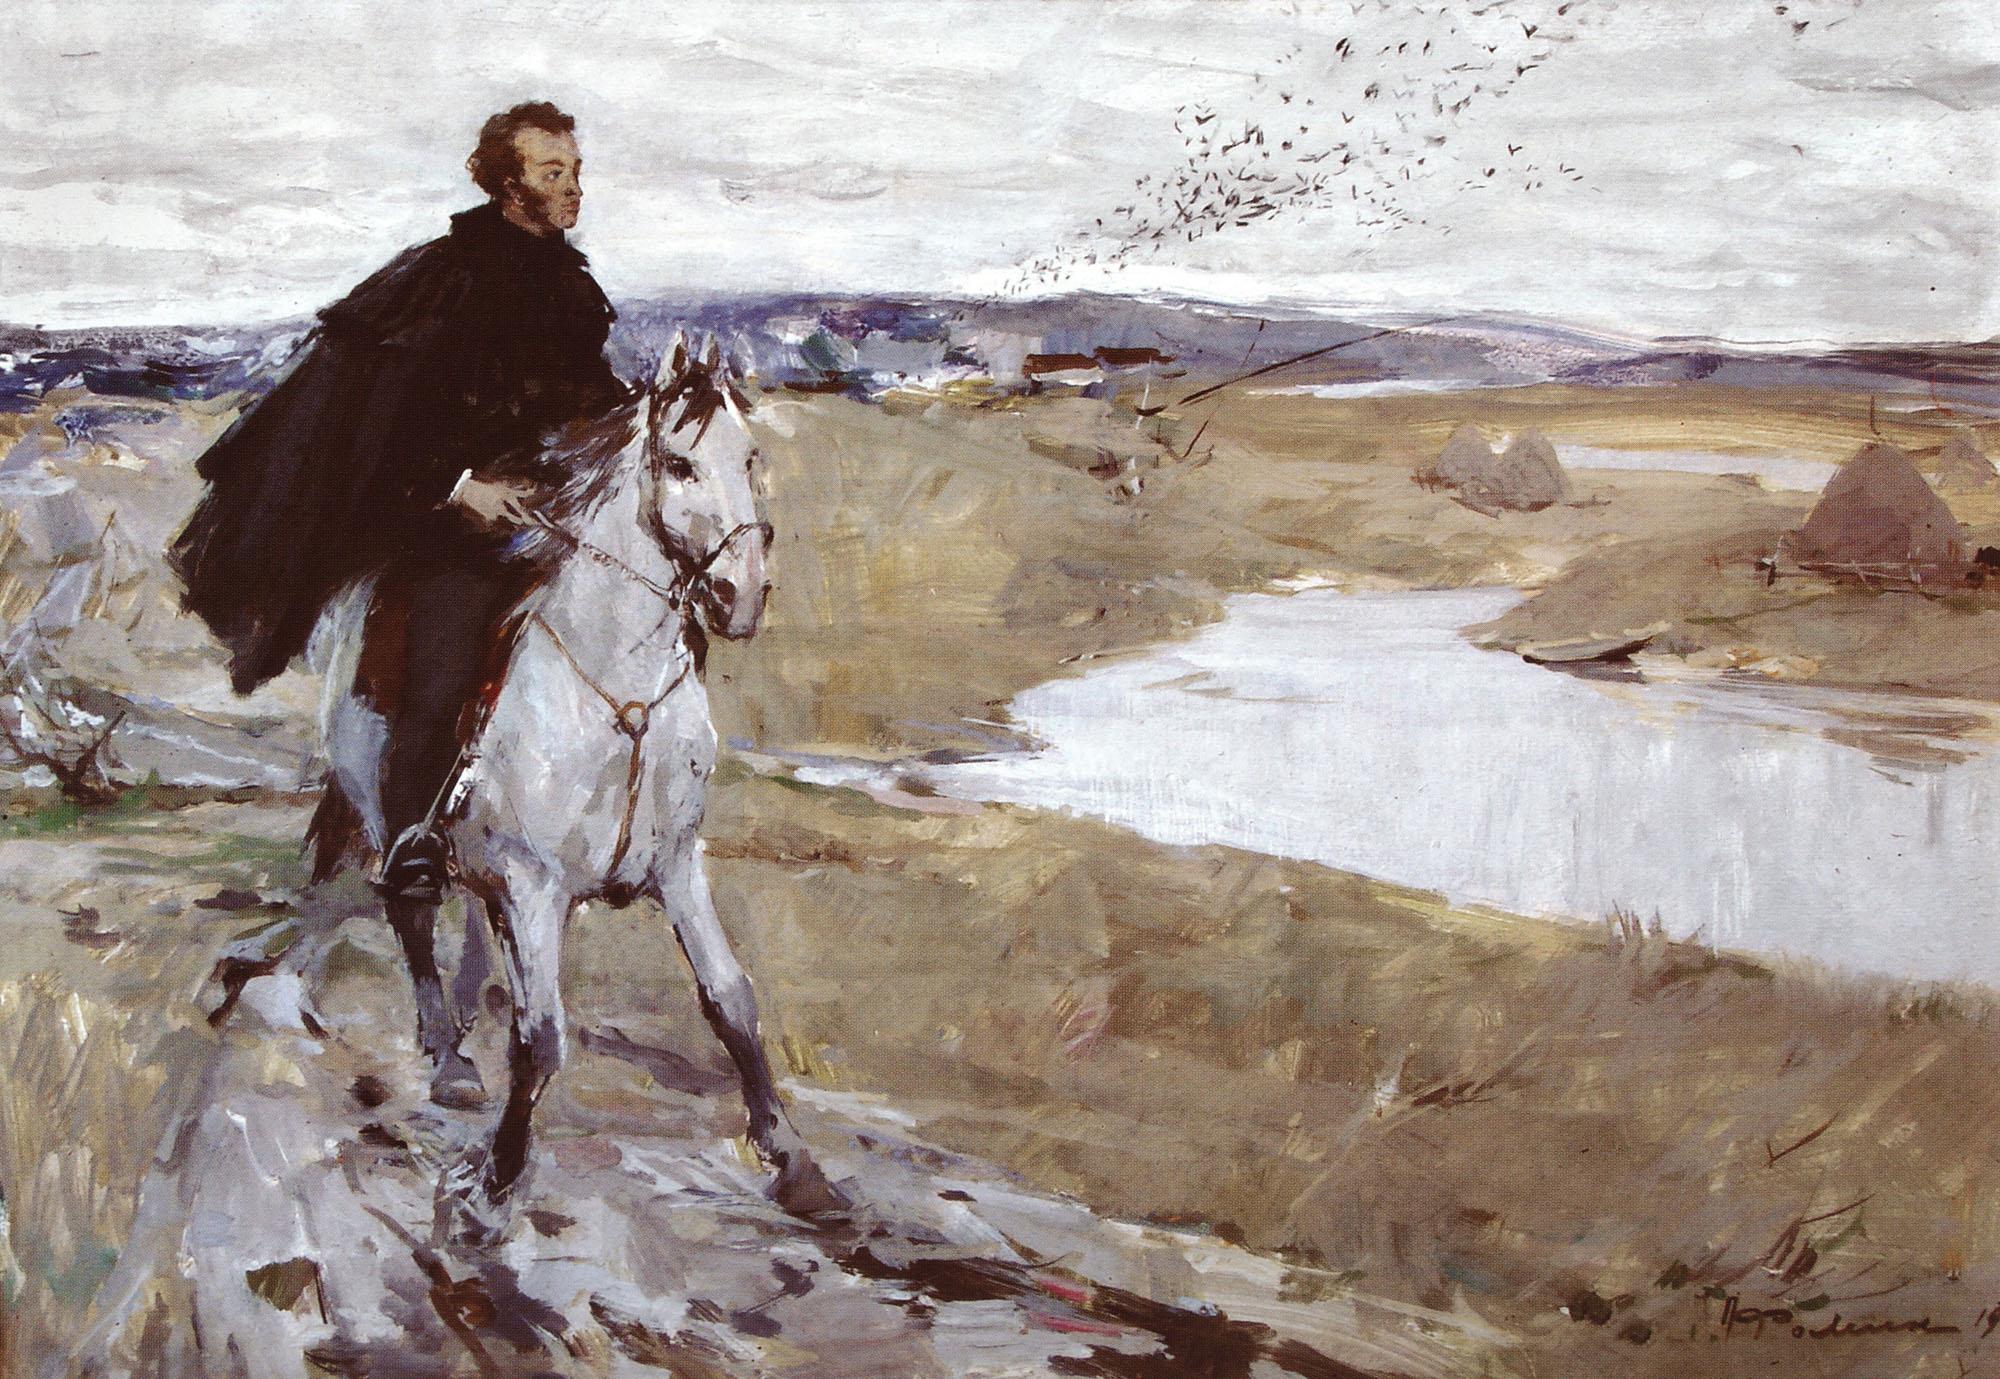 1201 Пушкин худал ирүүл тулаан зохион байгуулж, Александр Дюма болсон уу?